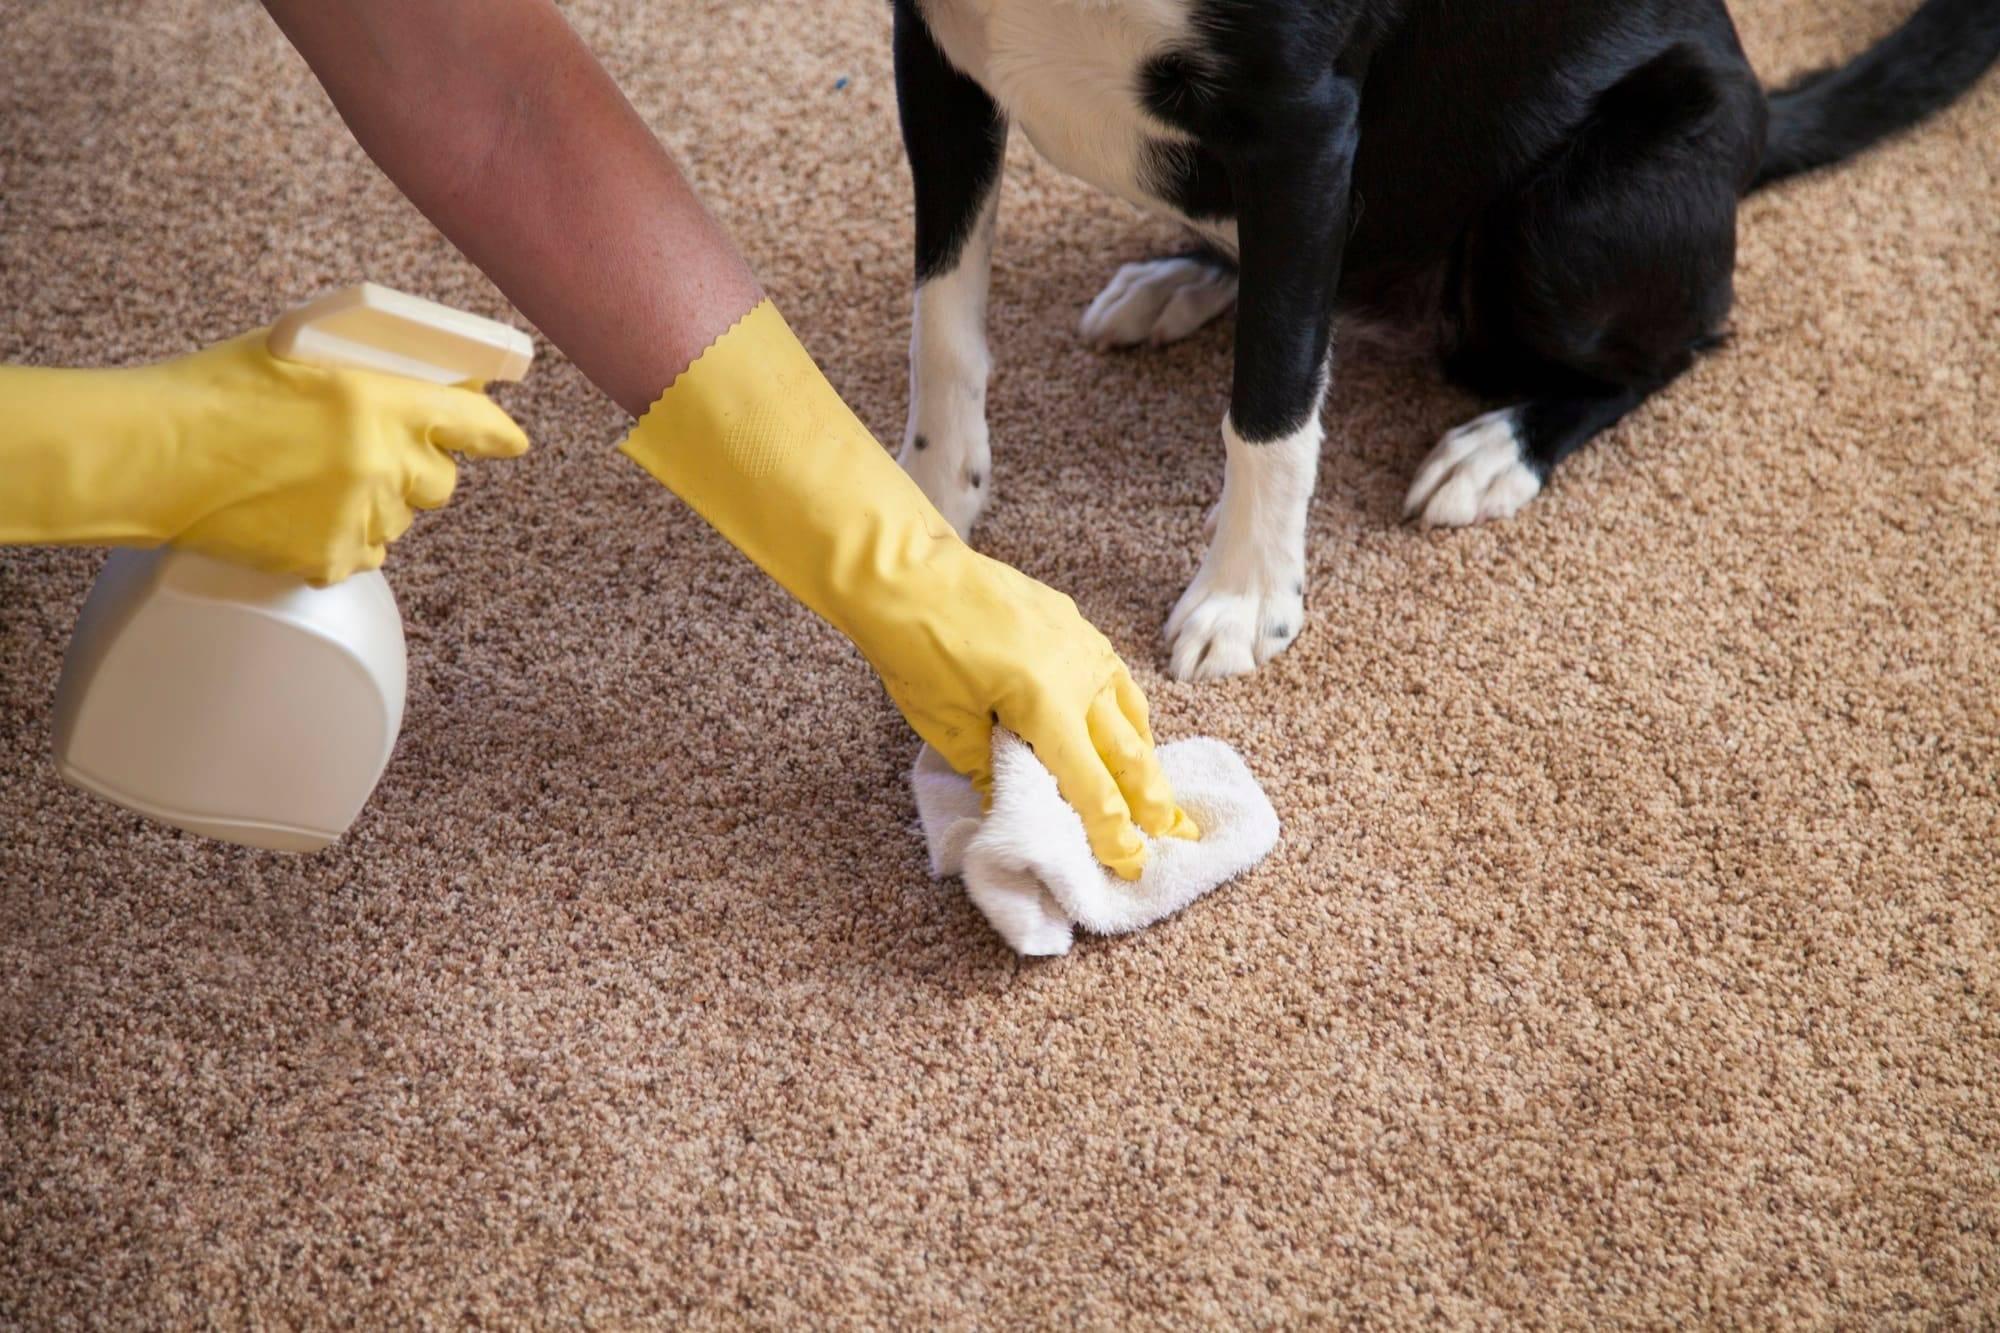 ?чем и как убрать кошачий запах мочи с дивана в домашних условиях: отзывы с форумов, средства с кухни, какие ошибки нельзя допускать. чистка перекисью, уксусом, содой, доместосом и другими препаратами. почему кот писает на диван, и как его отучить?